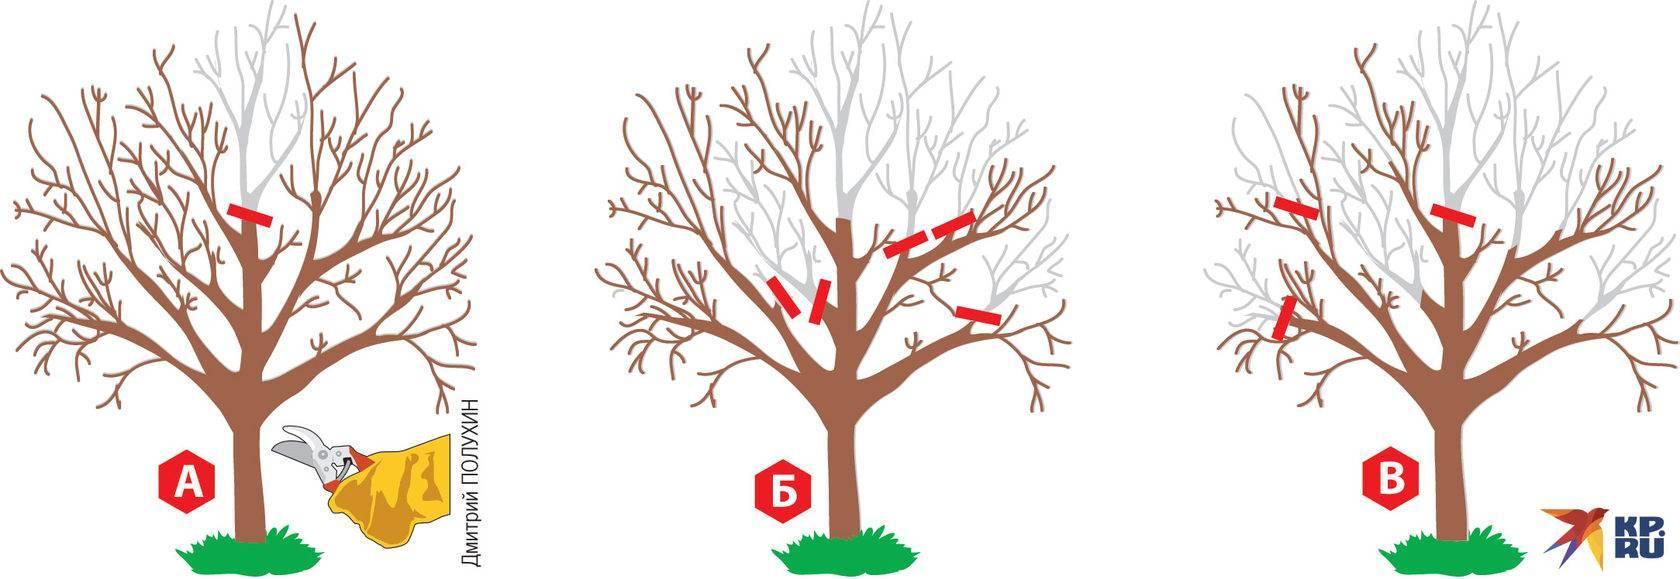 Почему не растет саженец яблони и что делать, если яблоня растет медленно